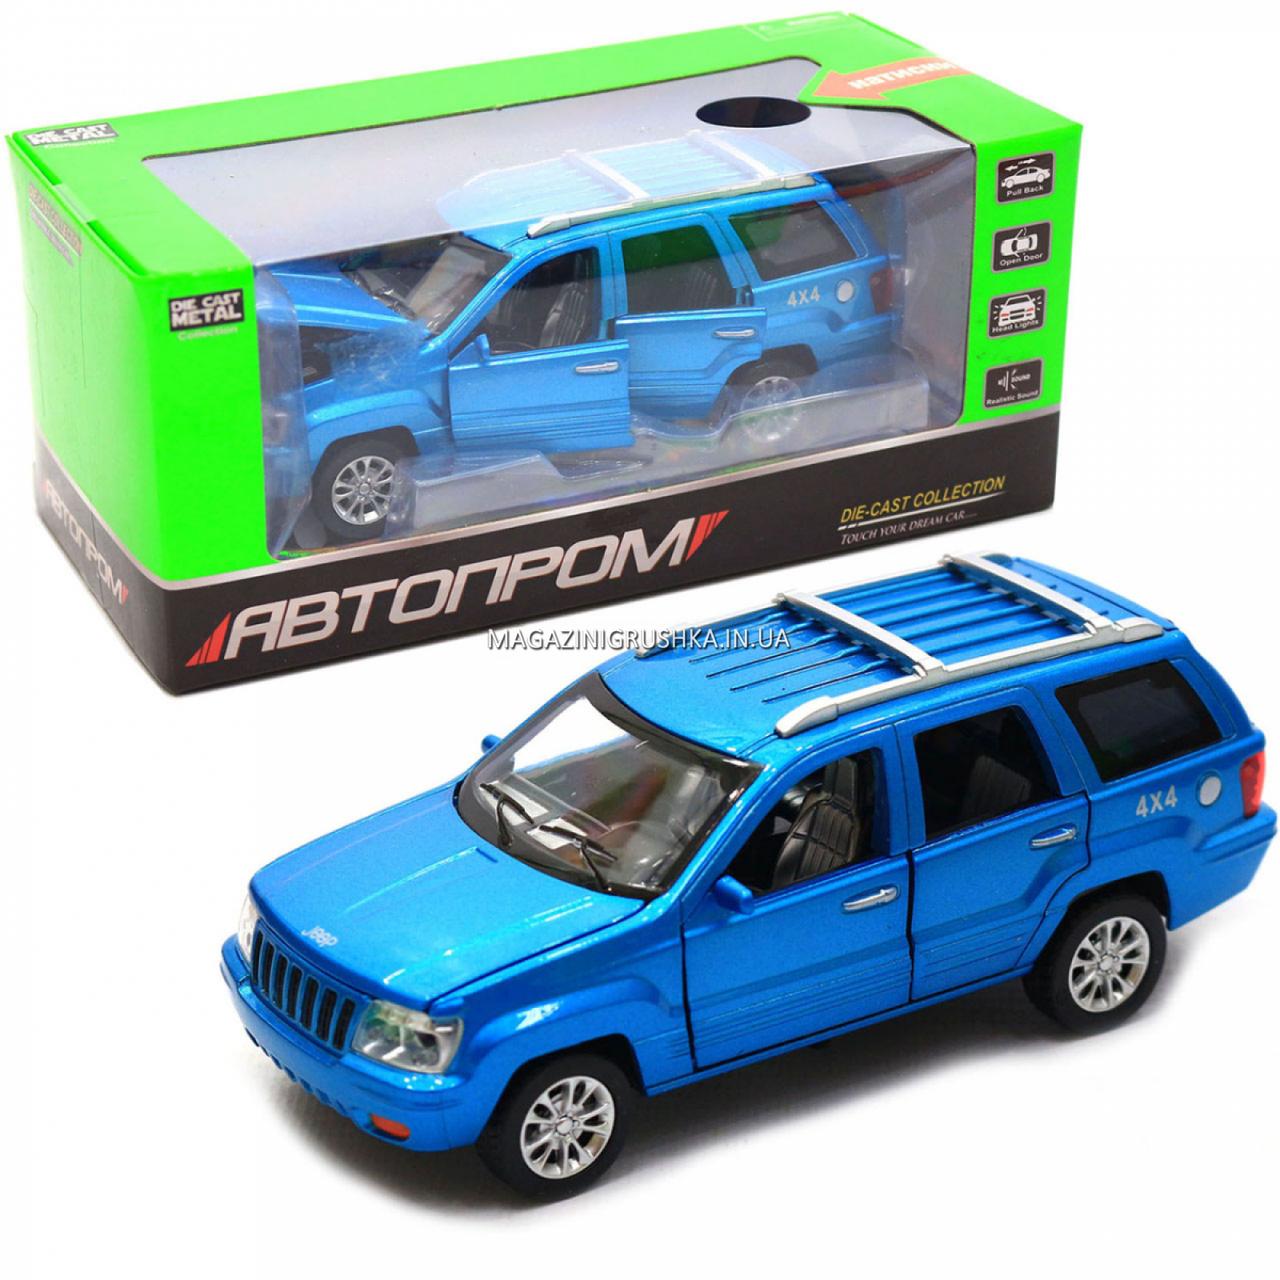 Машинка игровая автопром «Jeep» (джип) металл, 14 см, синий (свет, звук, двери открываются) 7638